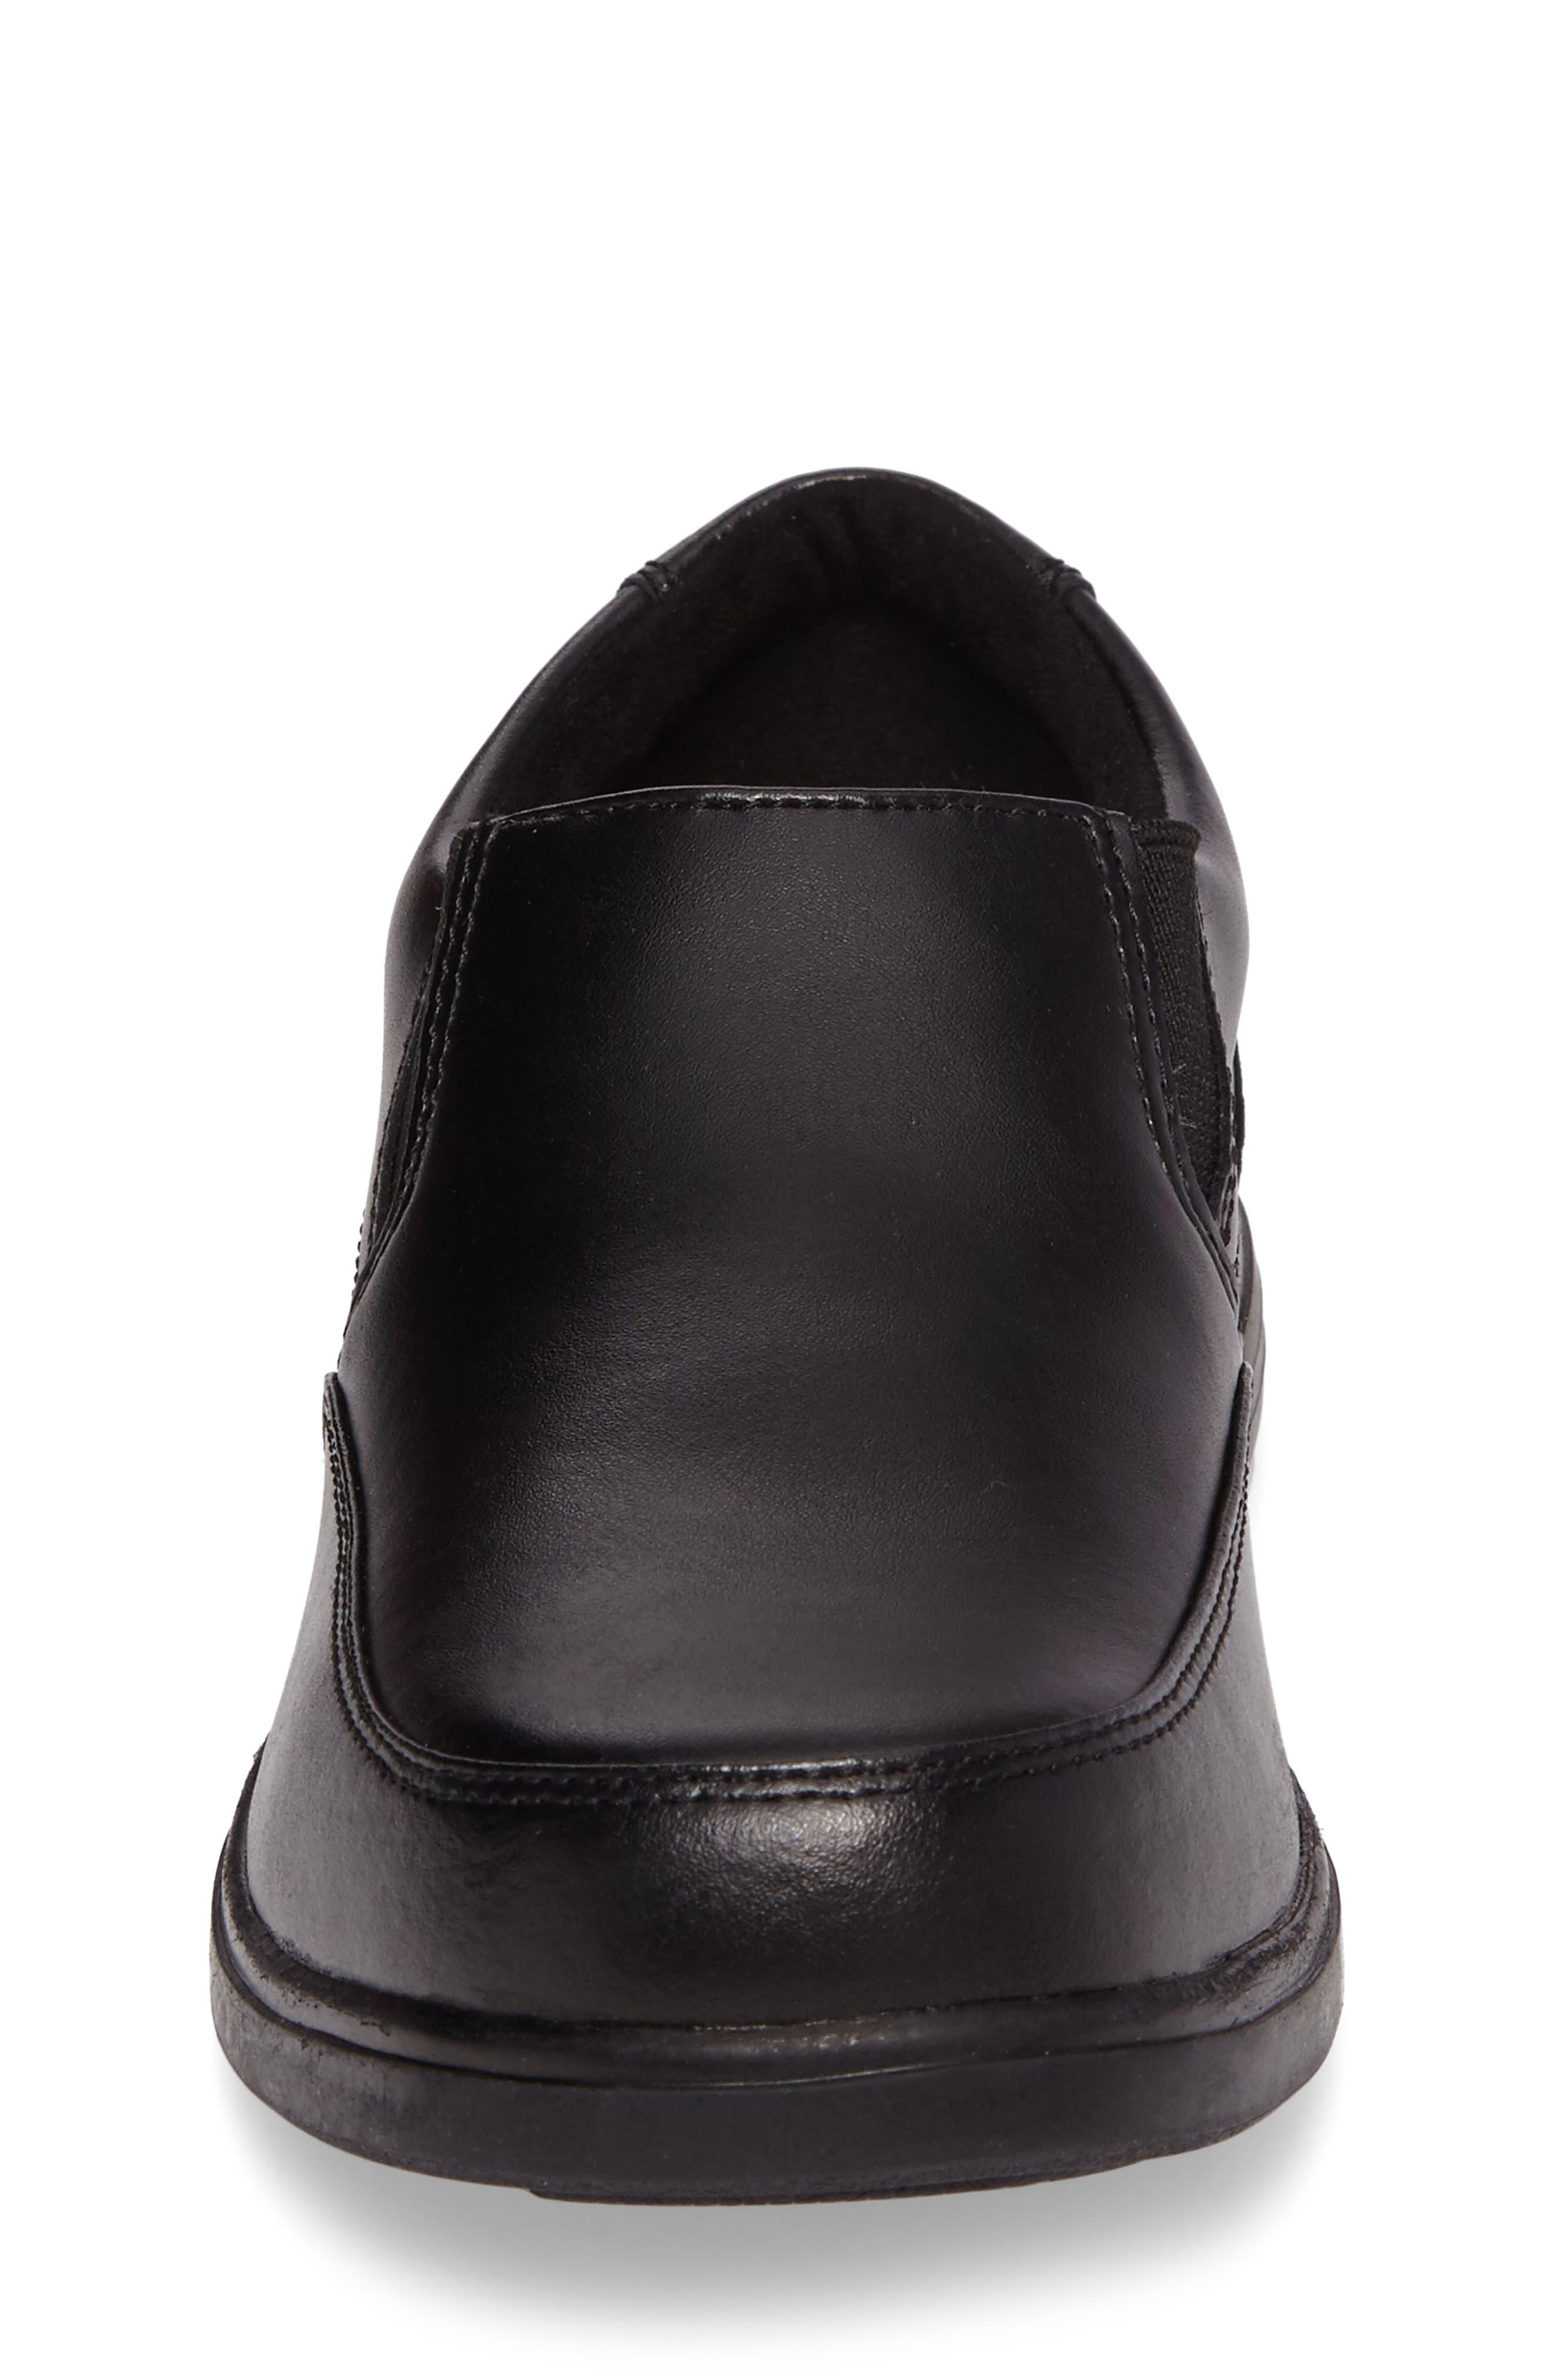 Shane Slip-On Dress Shoe,                             Alternate thumbnail 4, color,                             001